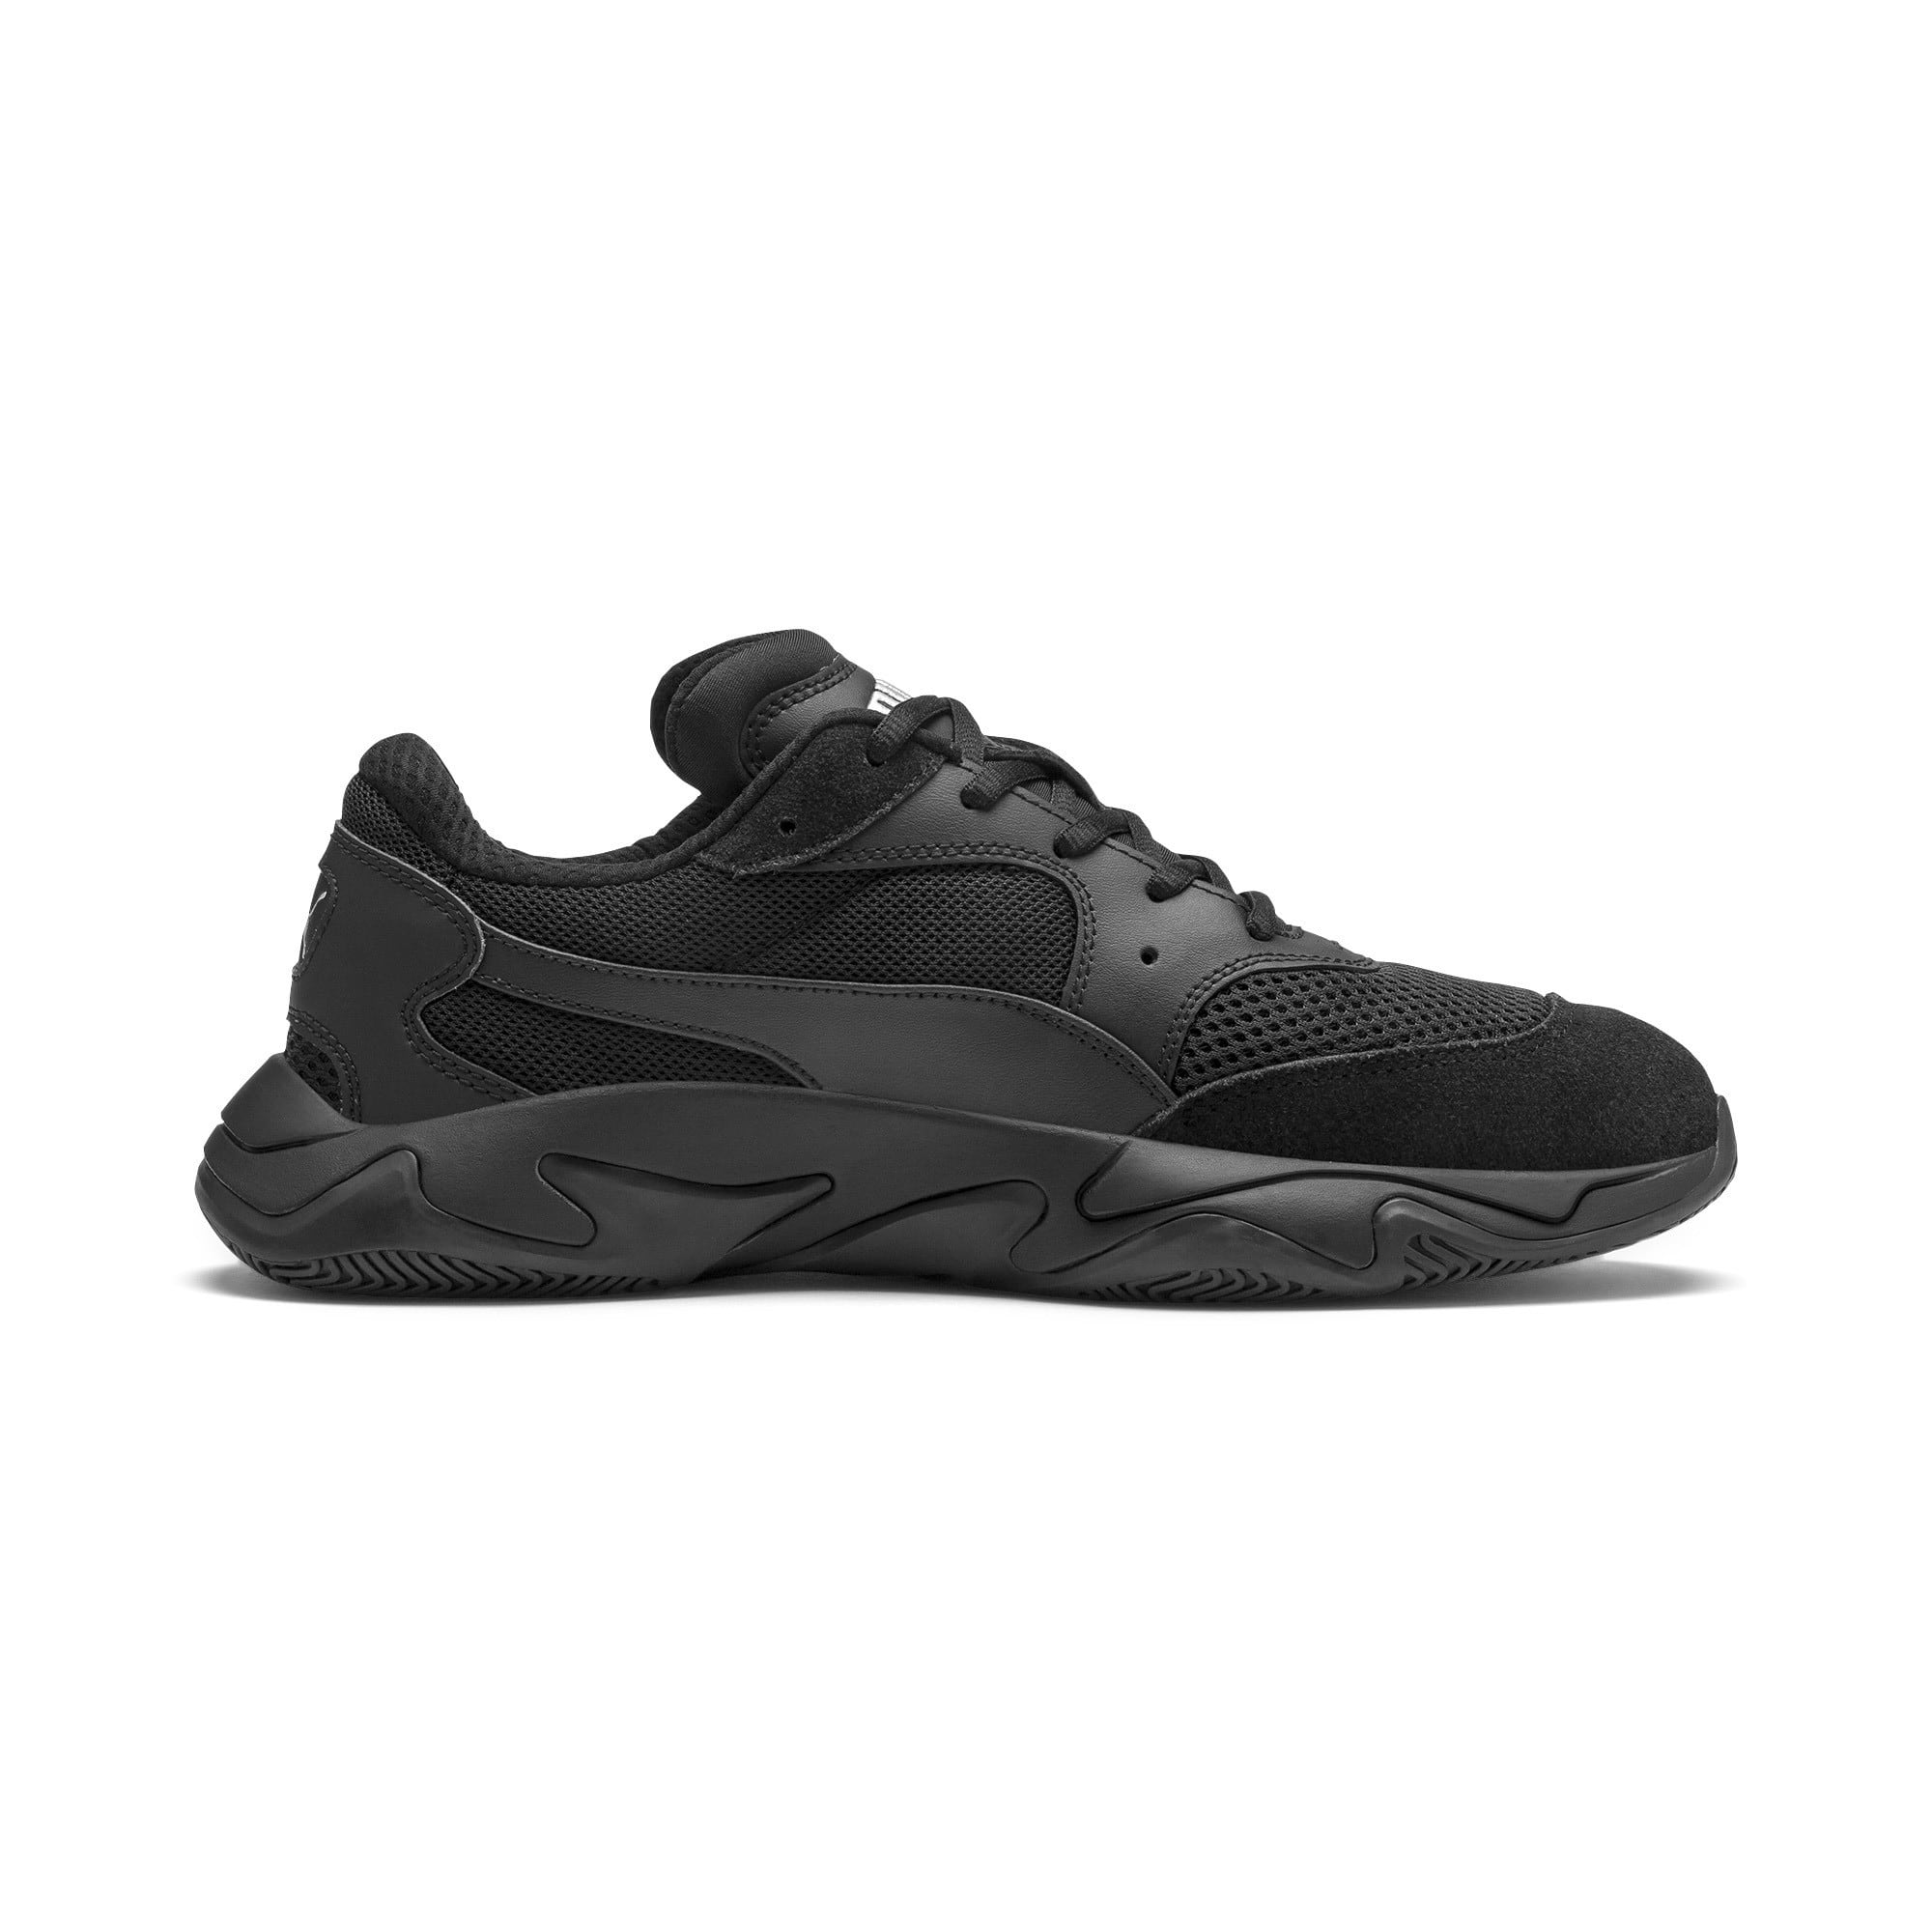 Thumbnail 6 of Storm Origin Sneakers, Puma Black, medium